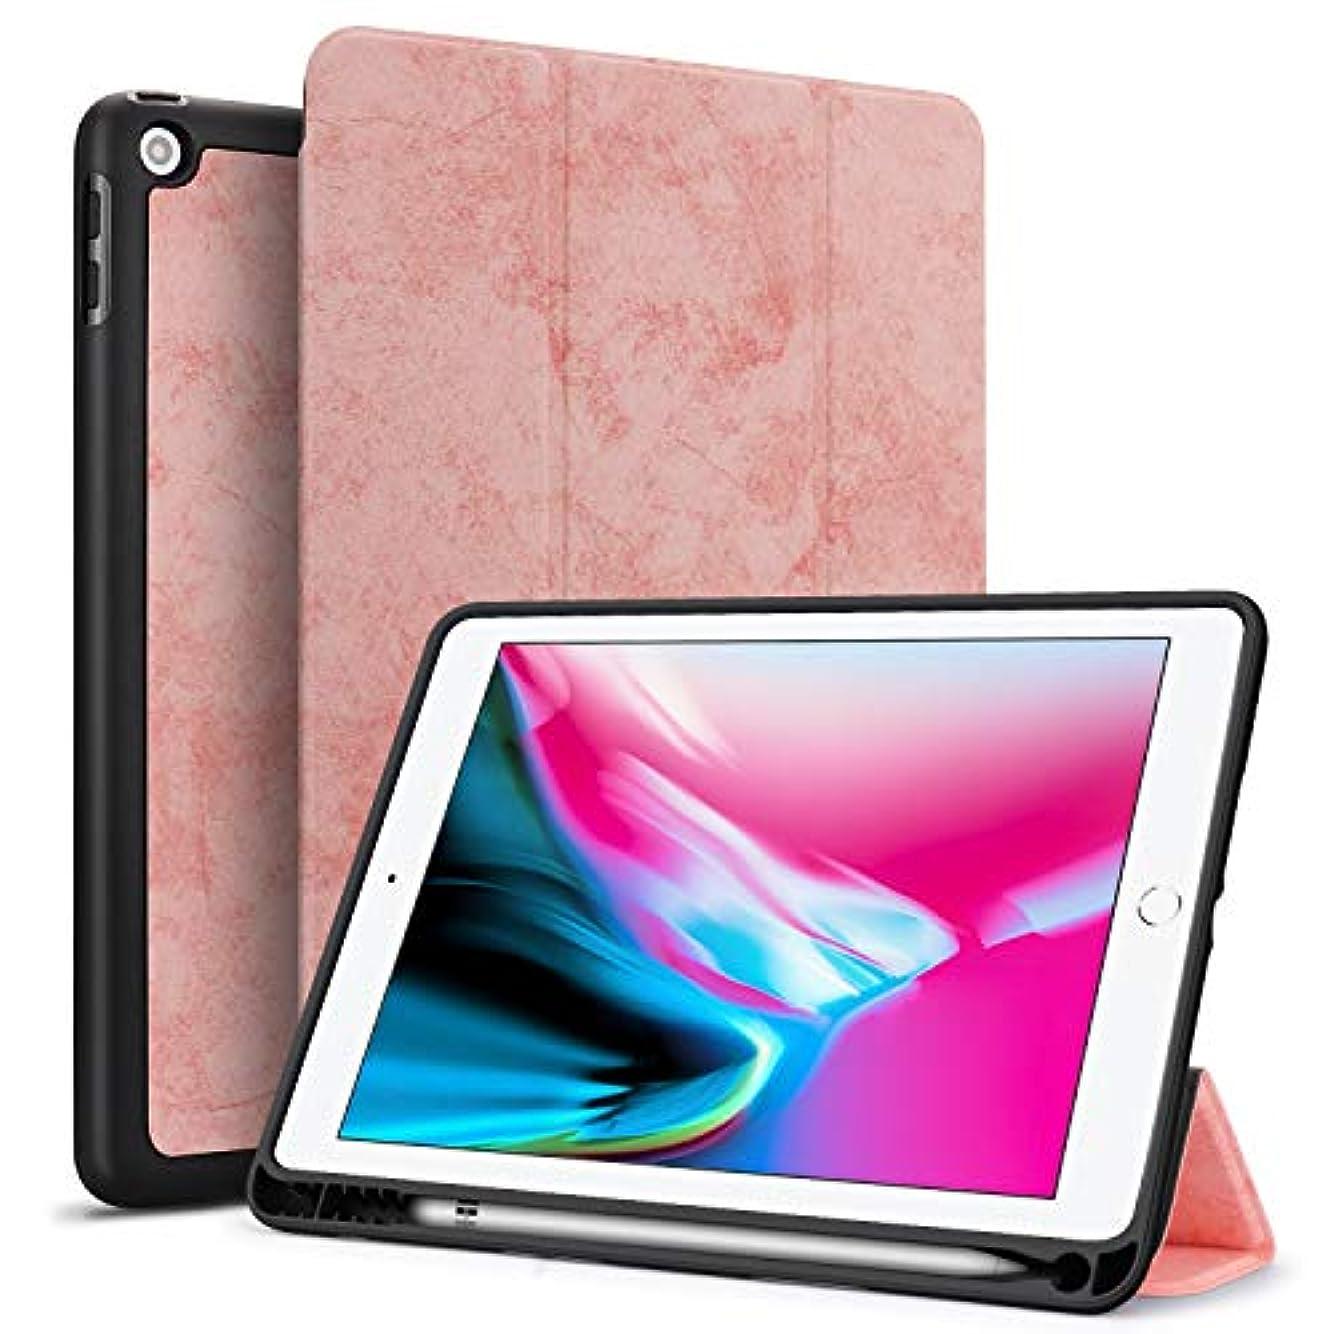 記念横たわるリスTasikar iPad 9.7 ケース (2018/2017モデル) Apple Pencil 収納可能 TPU 耐衝撃 傷つけ防止 軽量 薄型 保護カバー 三つ折スタンド オートスリープ機能付き PU レザー スマートカバー 2017年と2018年発売の9.7インチ iPad 対応(モデル番号A1822、A1823、A1893、A1954) (ピンク)